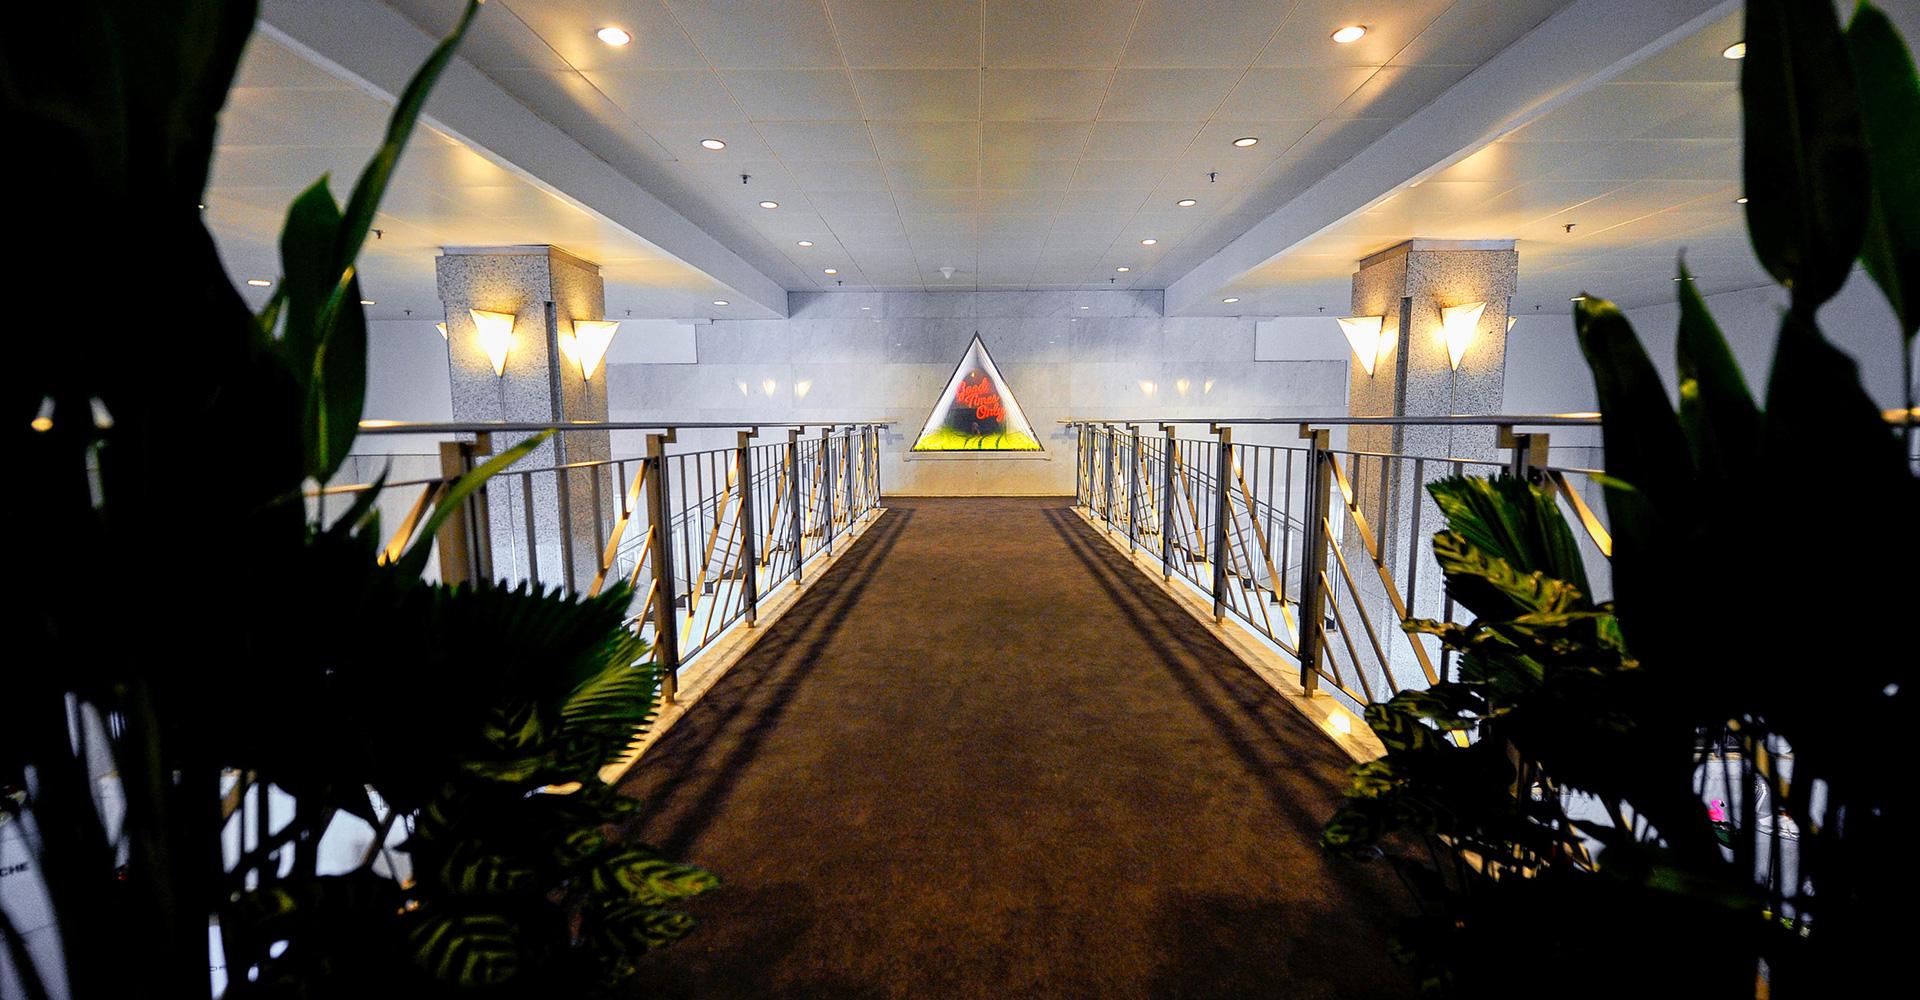 wta-corridor